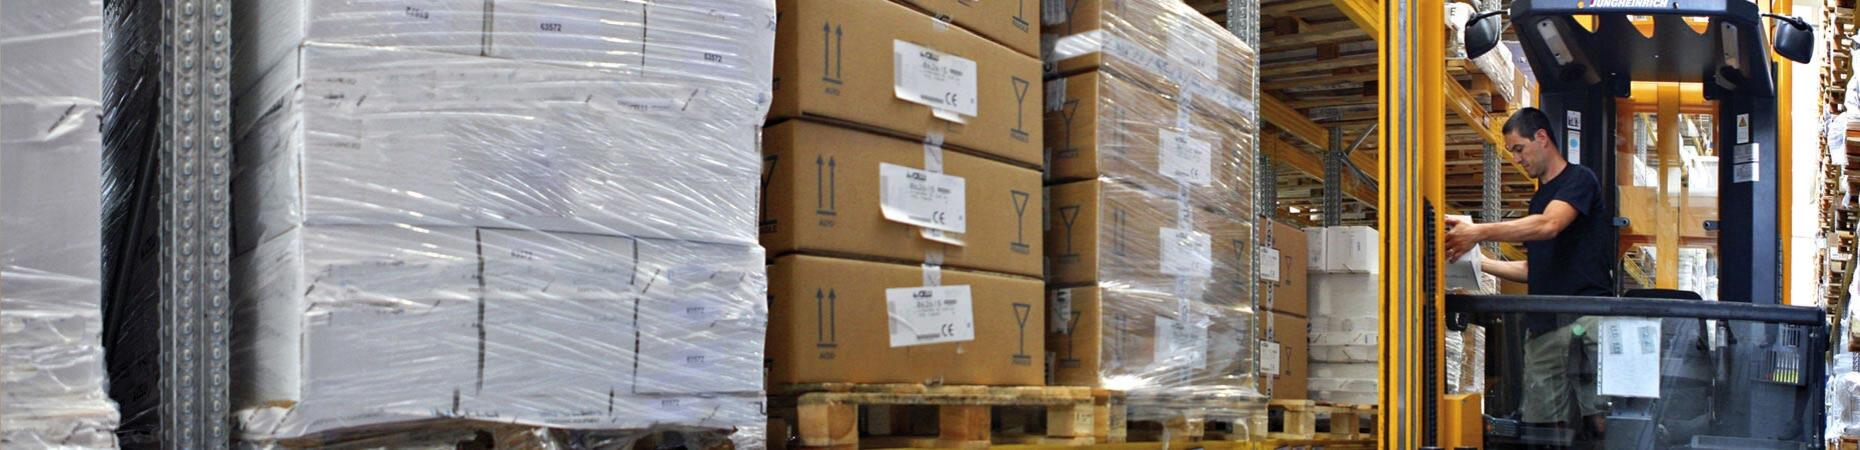 ecoservice-pesaro it servizi-logistica-magazzino-pesaro 005